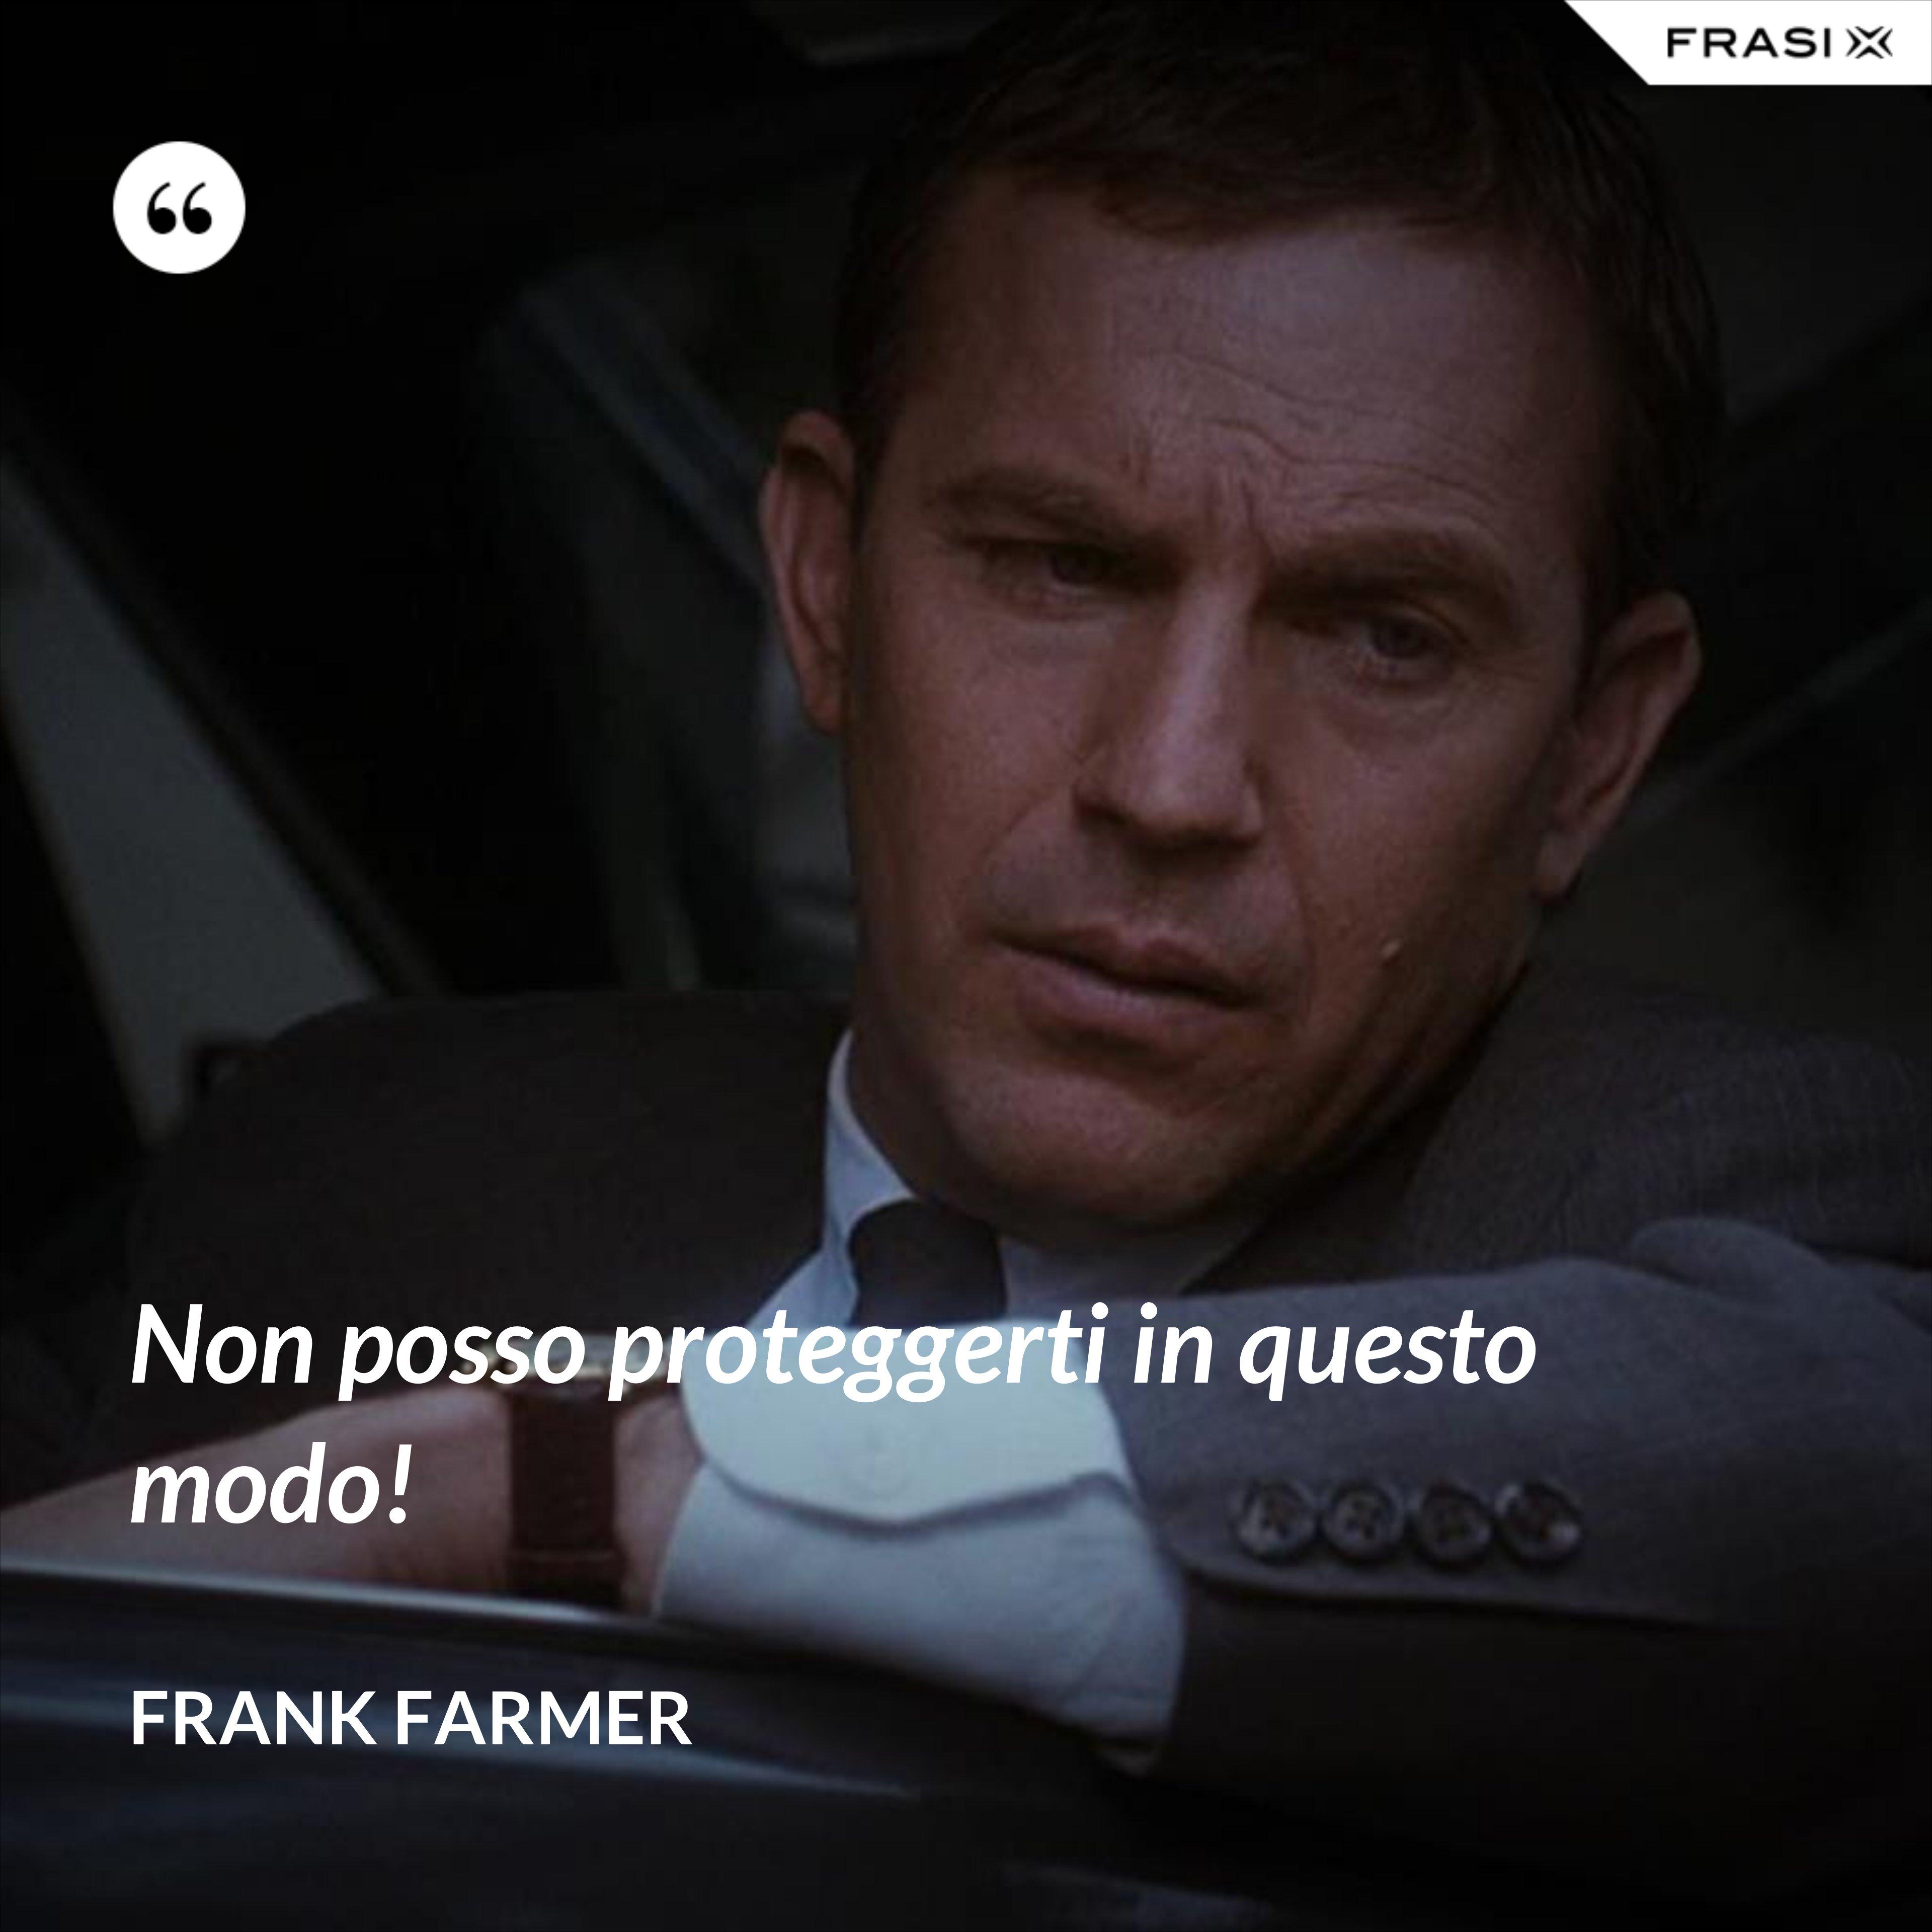 Non posso proteggerti in questo modo! - Frank Farmer